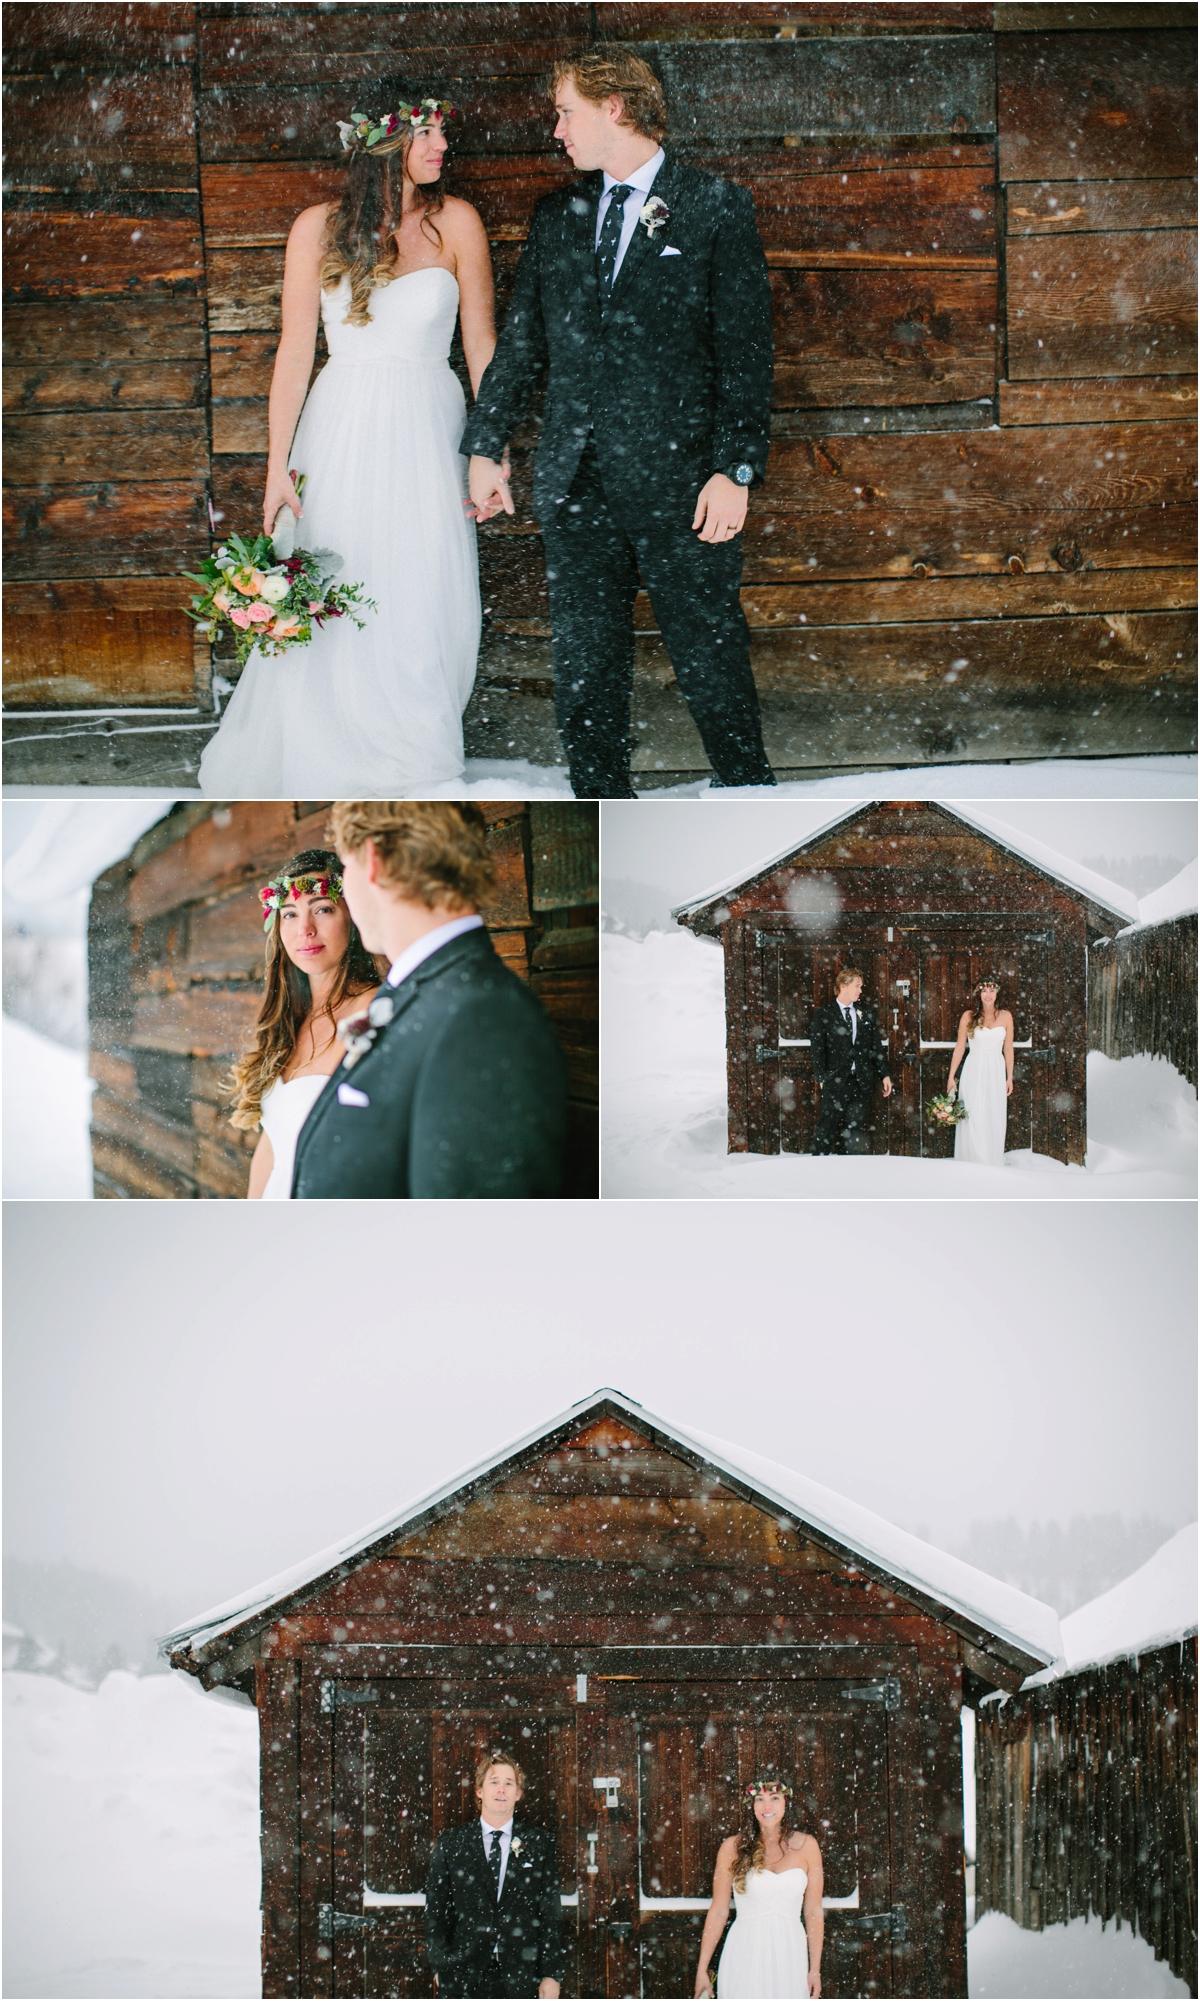 Breckinridge_Colorado_winter_wedding_elopment_0013